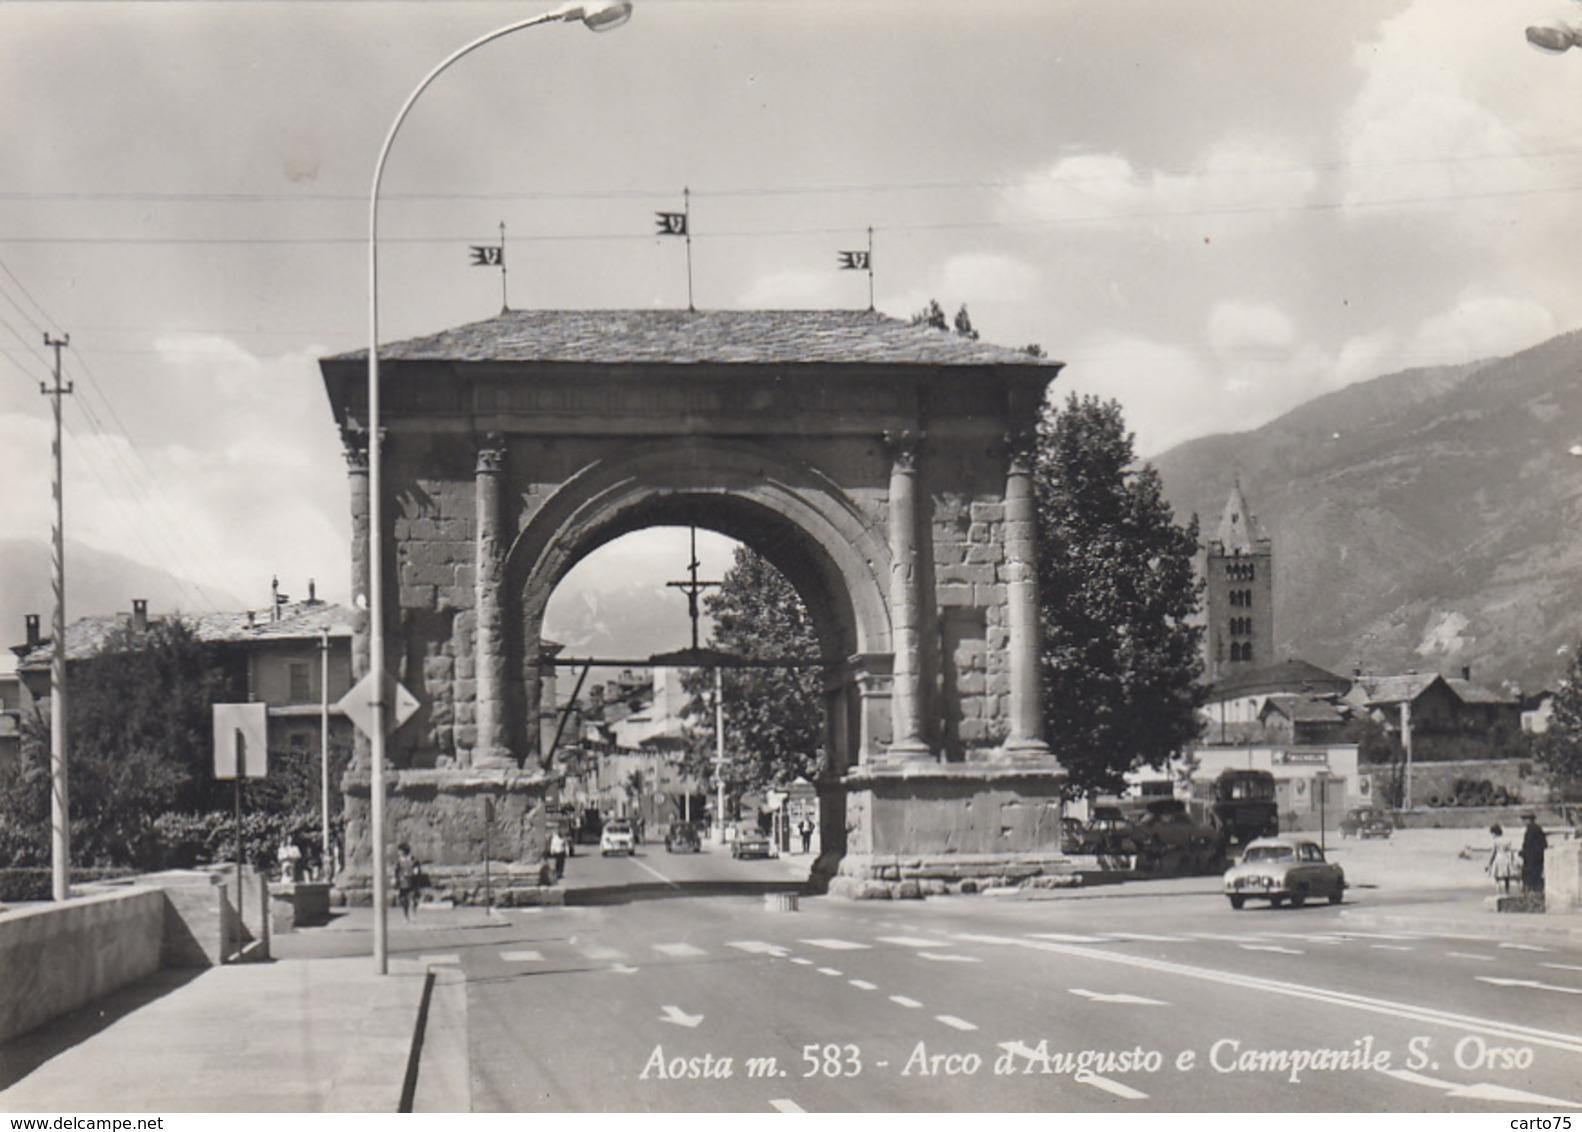 Italie - Aoste - Arco D'Augusto E Campanile S. Orso - Aosta